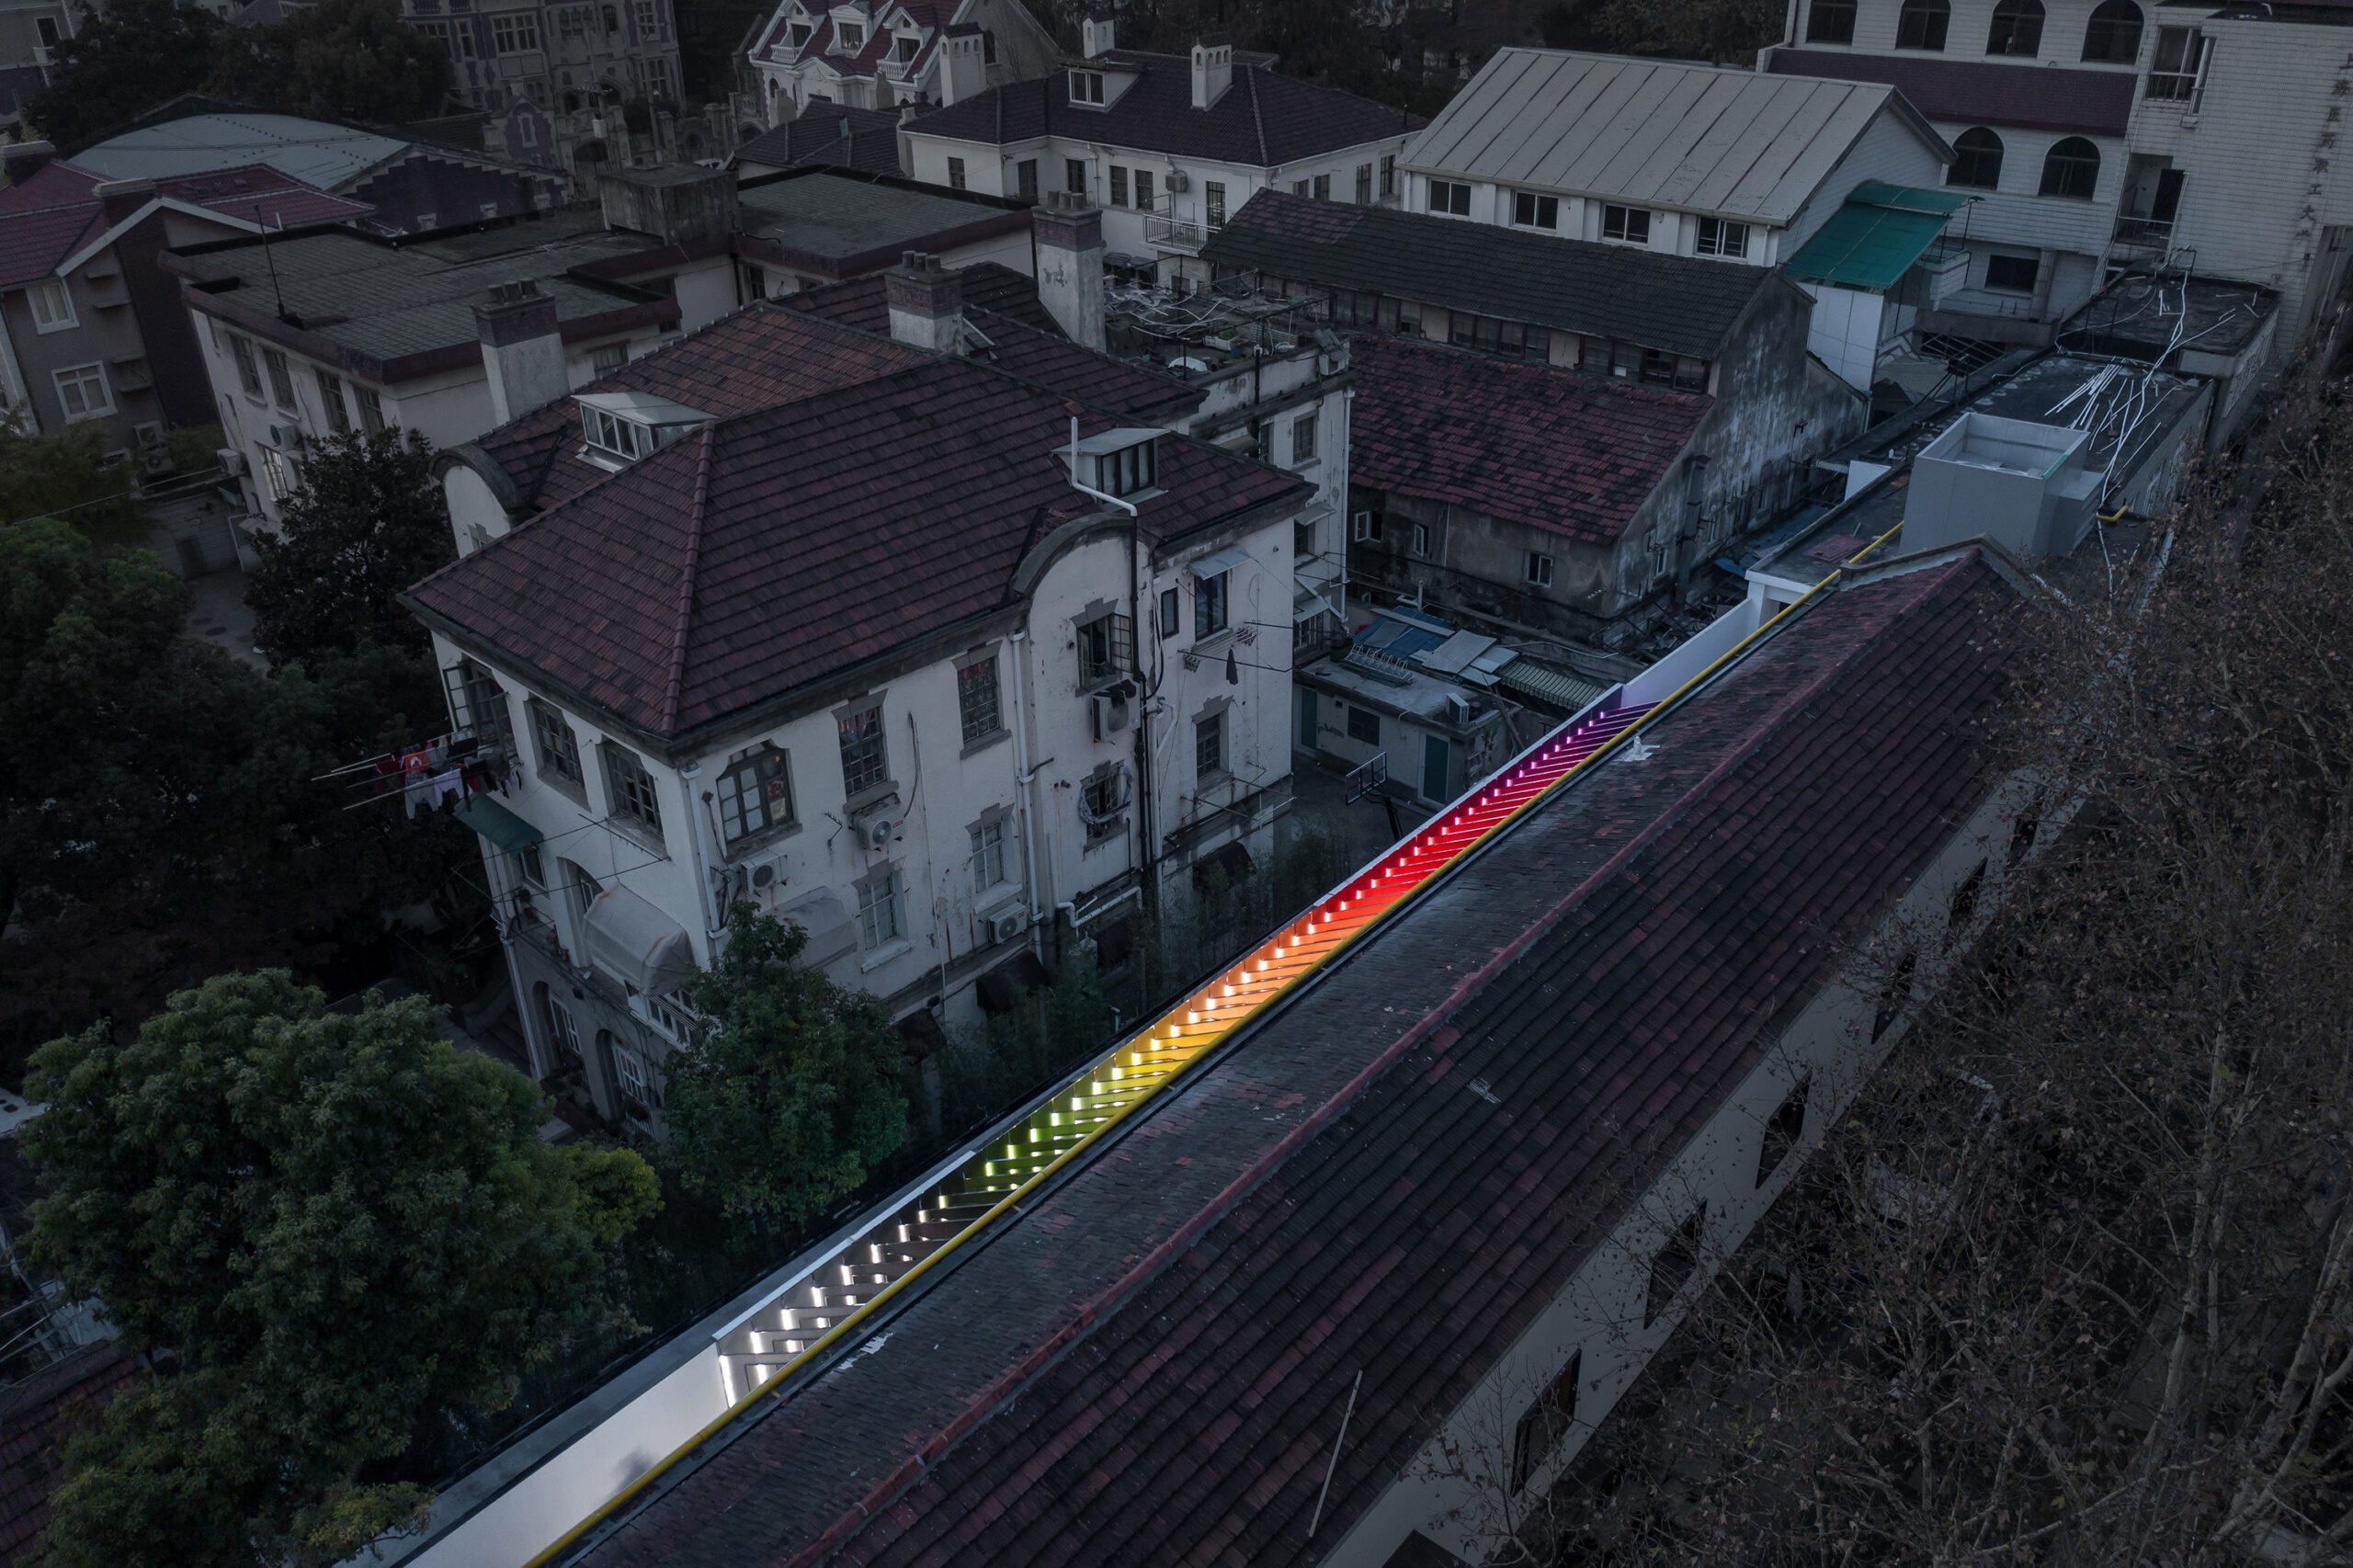 SuShanghai Community Art Museum